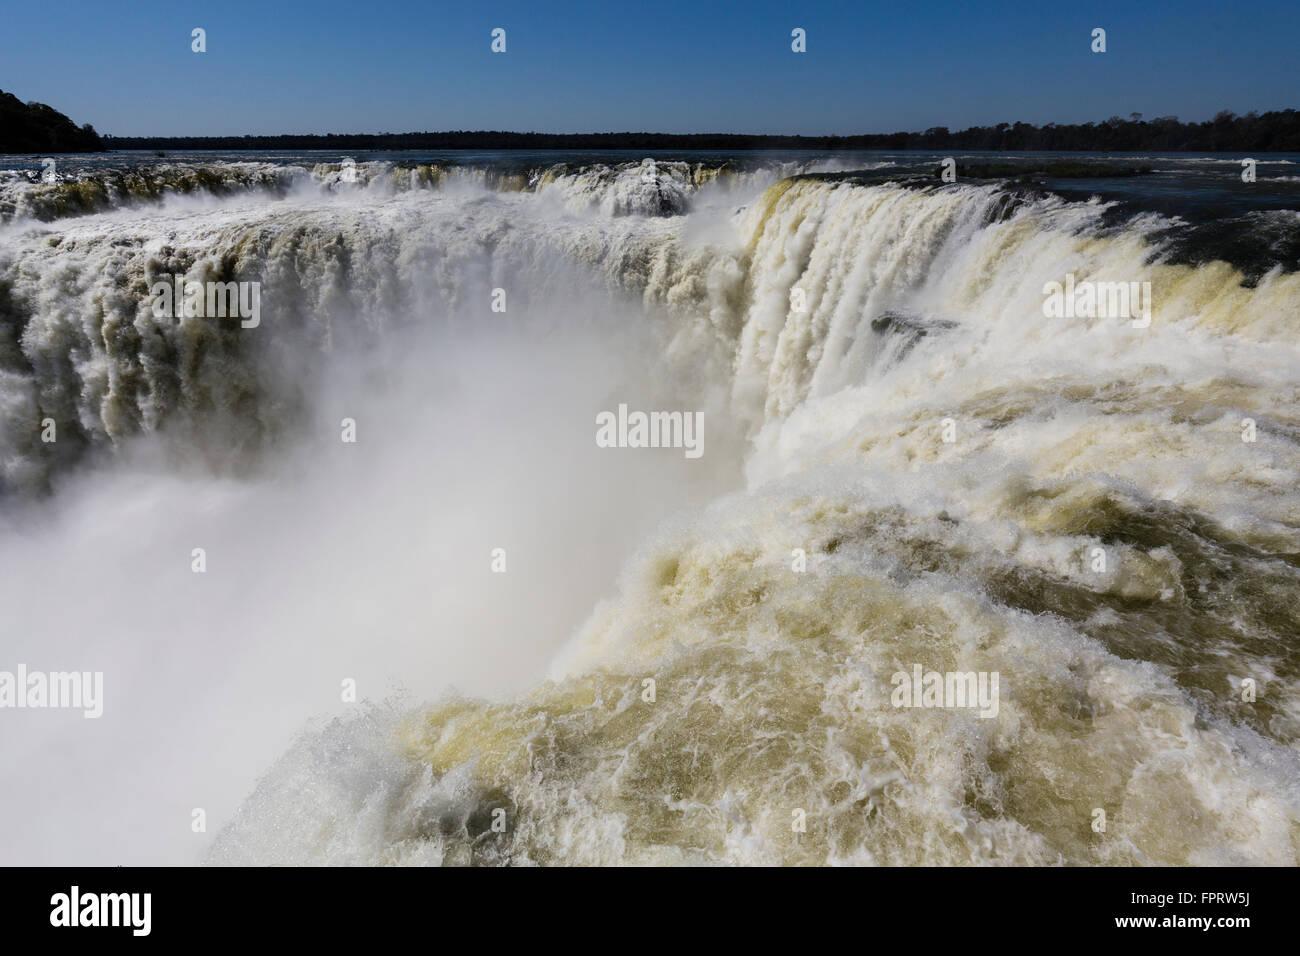 'Garganta del Diabolo' or 'Devil's Throat', Iguazu Falls, Argentina - Stock Image